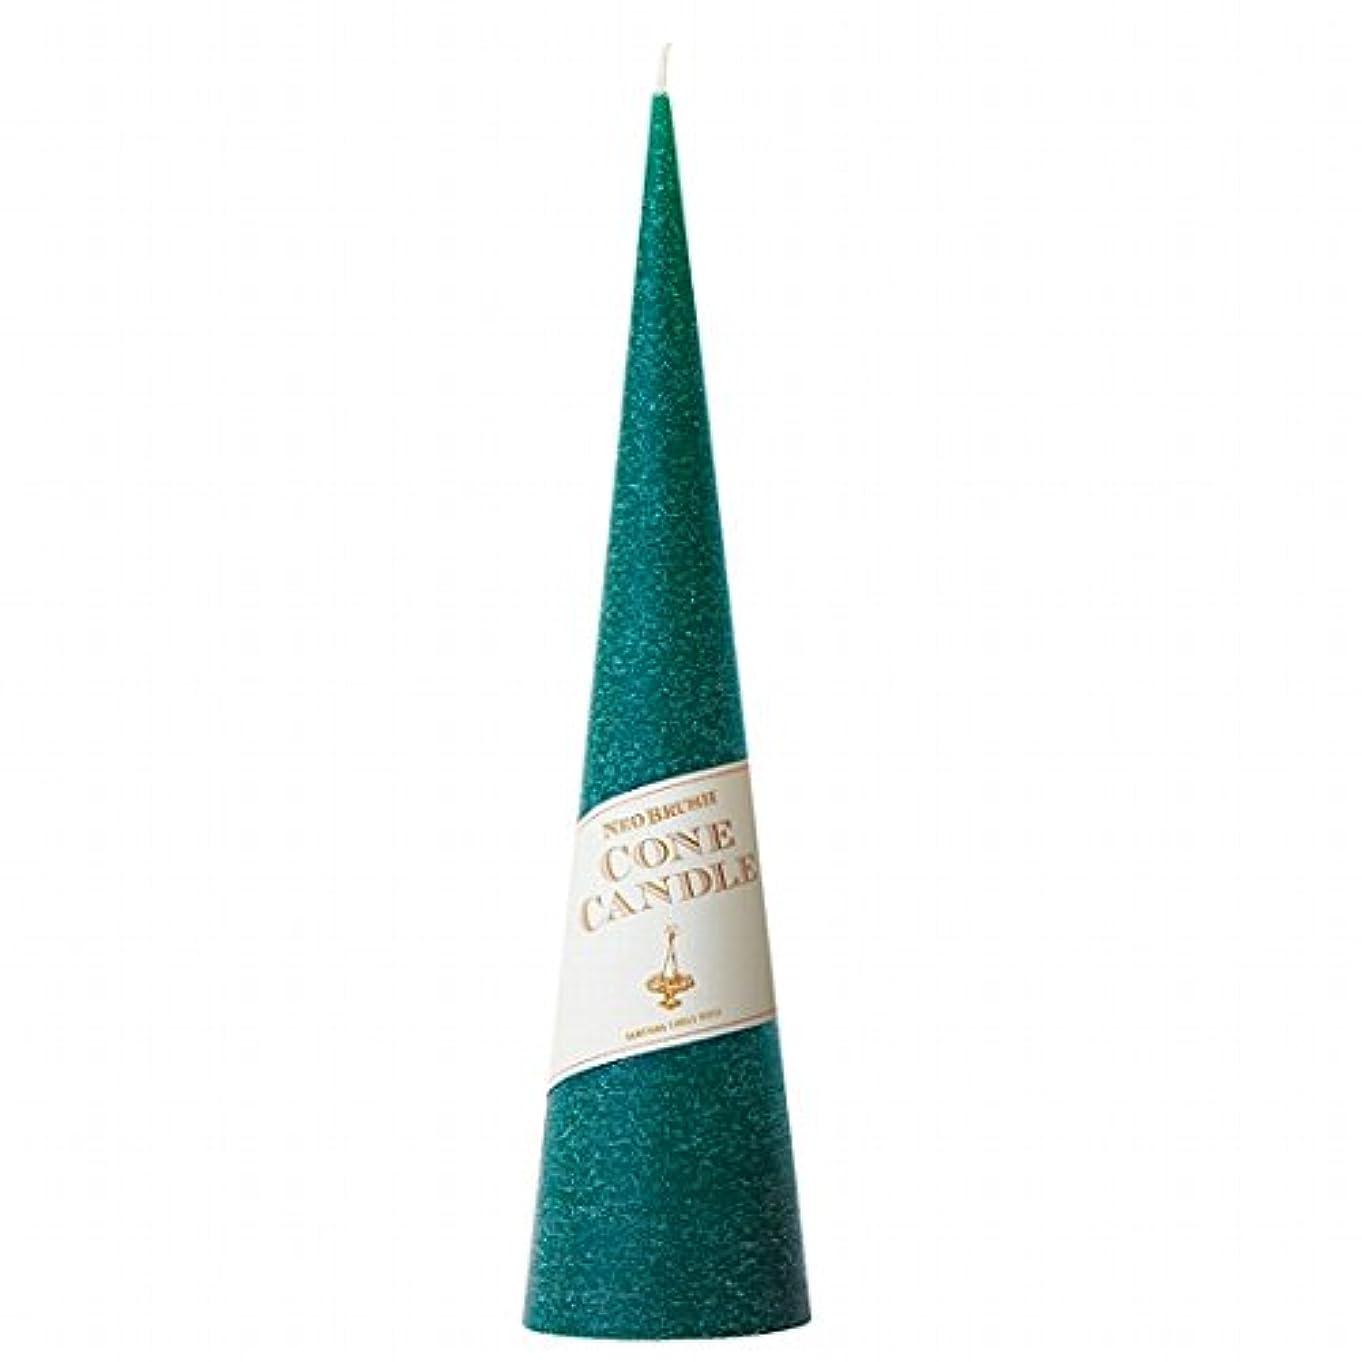 乳白請願者冷酷なカメヤマキャンドル(kameyama candle) ネオブラッシュコーン 295 キャンドル 「 グリーン 」